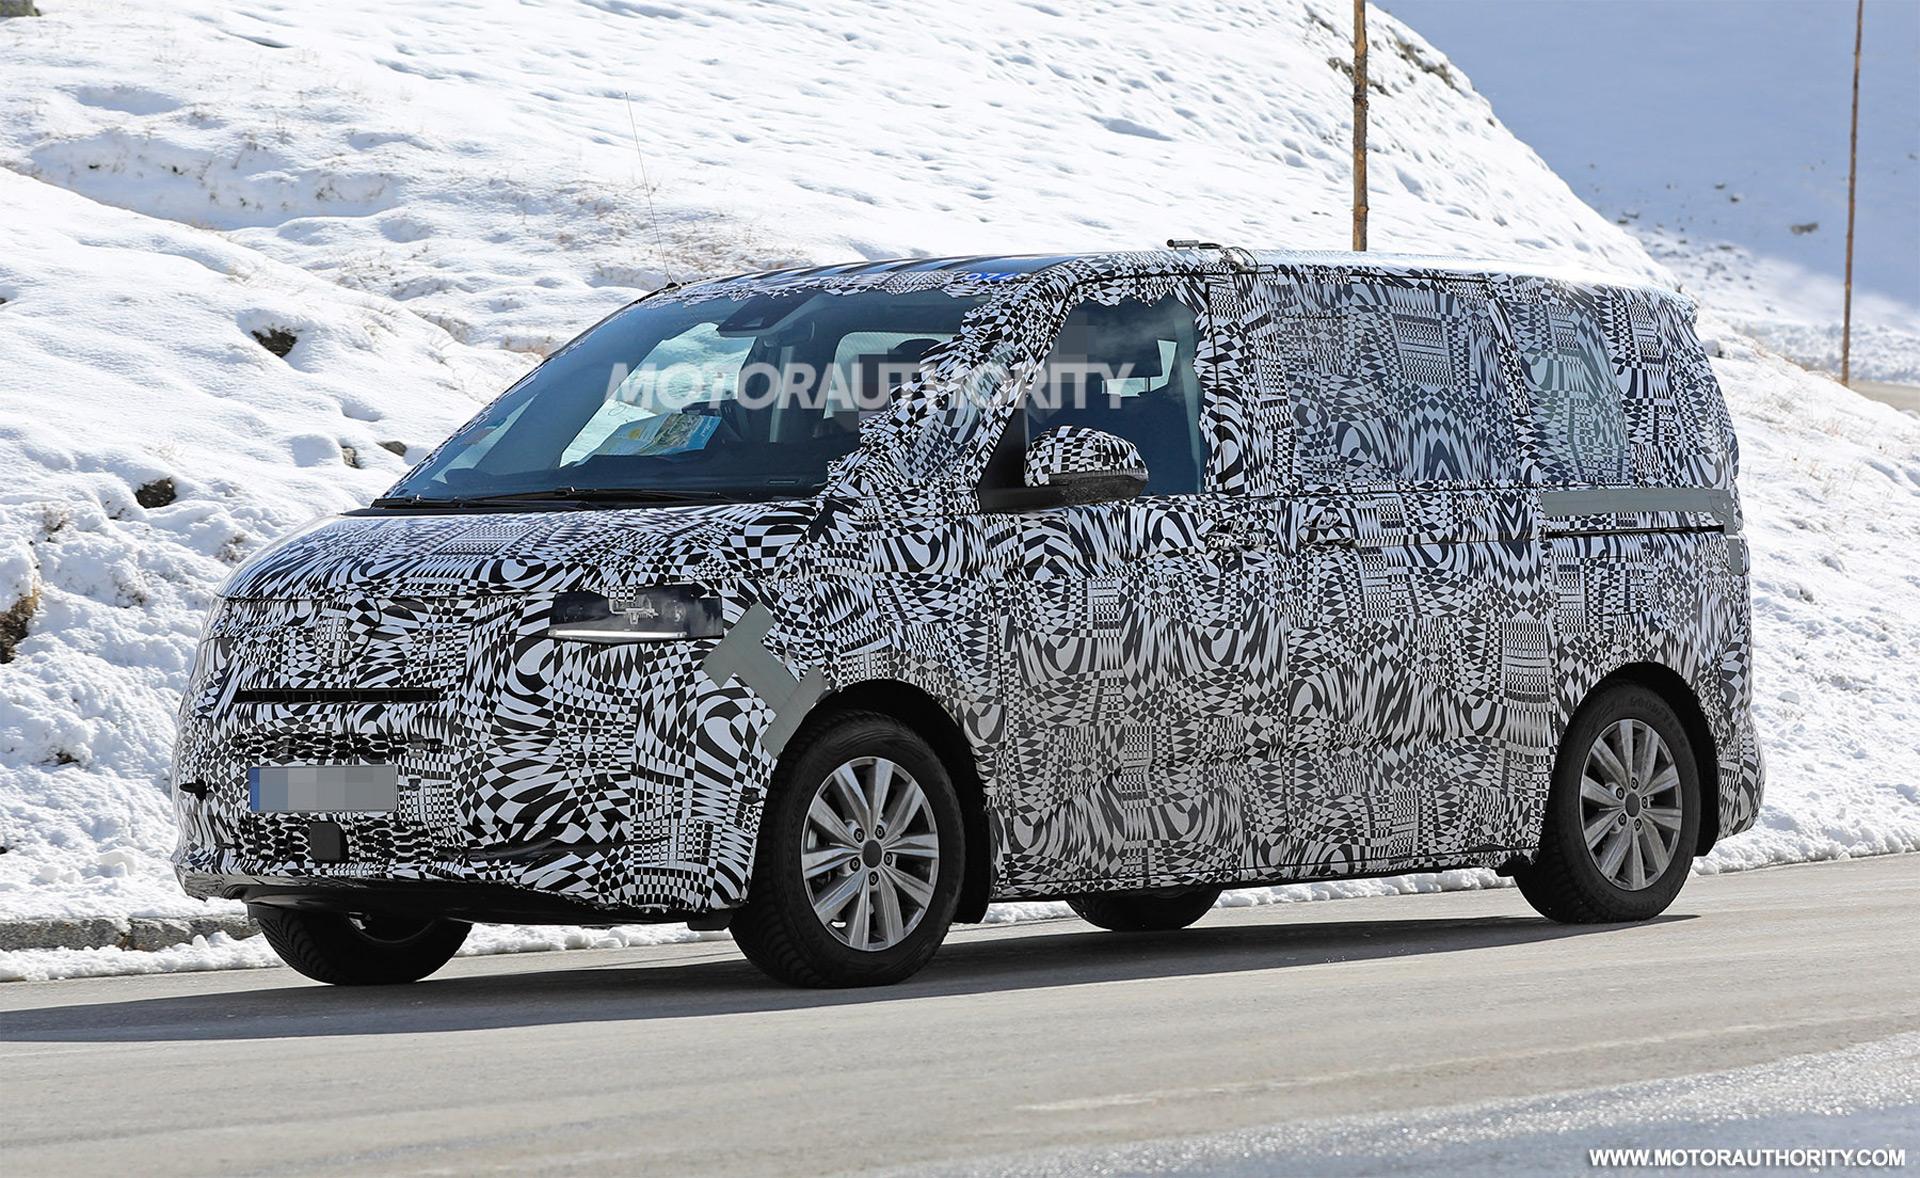 2021 - [Volkswagen] Transporter [T7] 2021-volkswagen-transporter-t7-spy-shots--photo-credit-s-baldauf-sb-medien_100725281_h